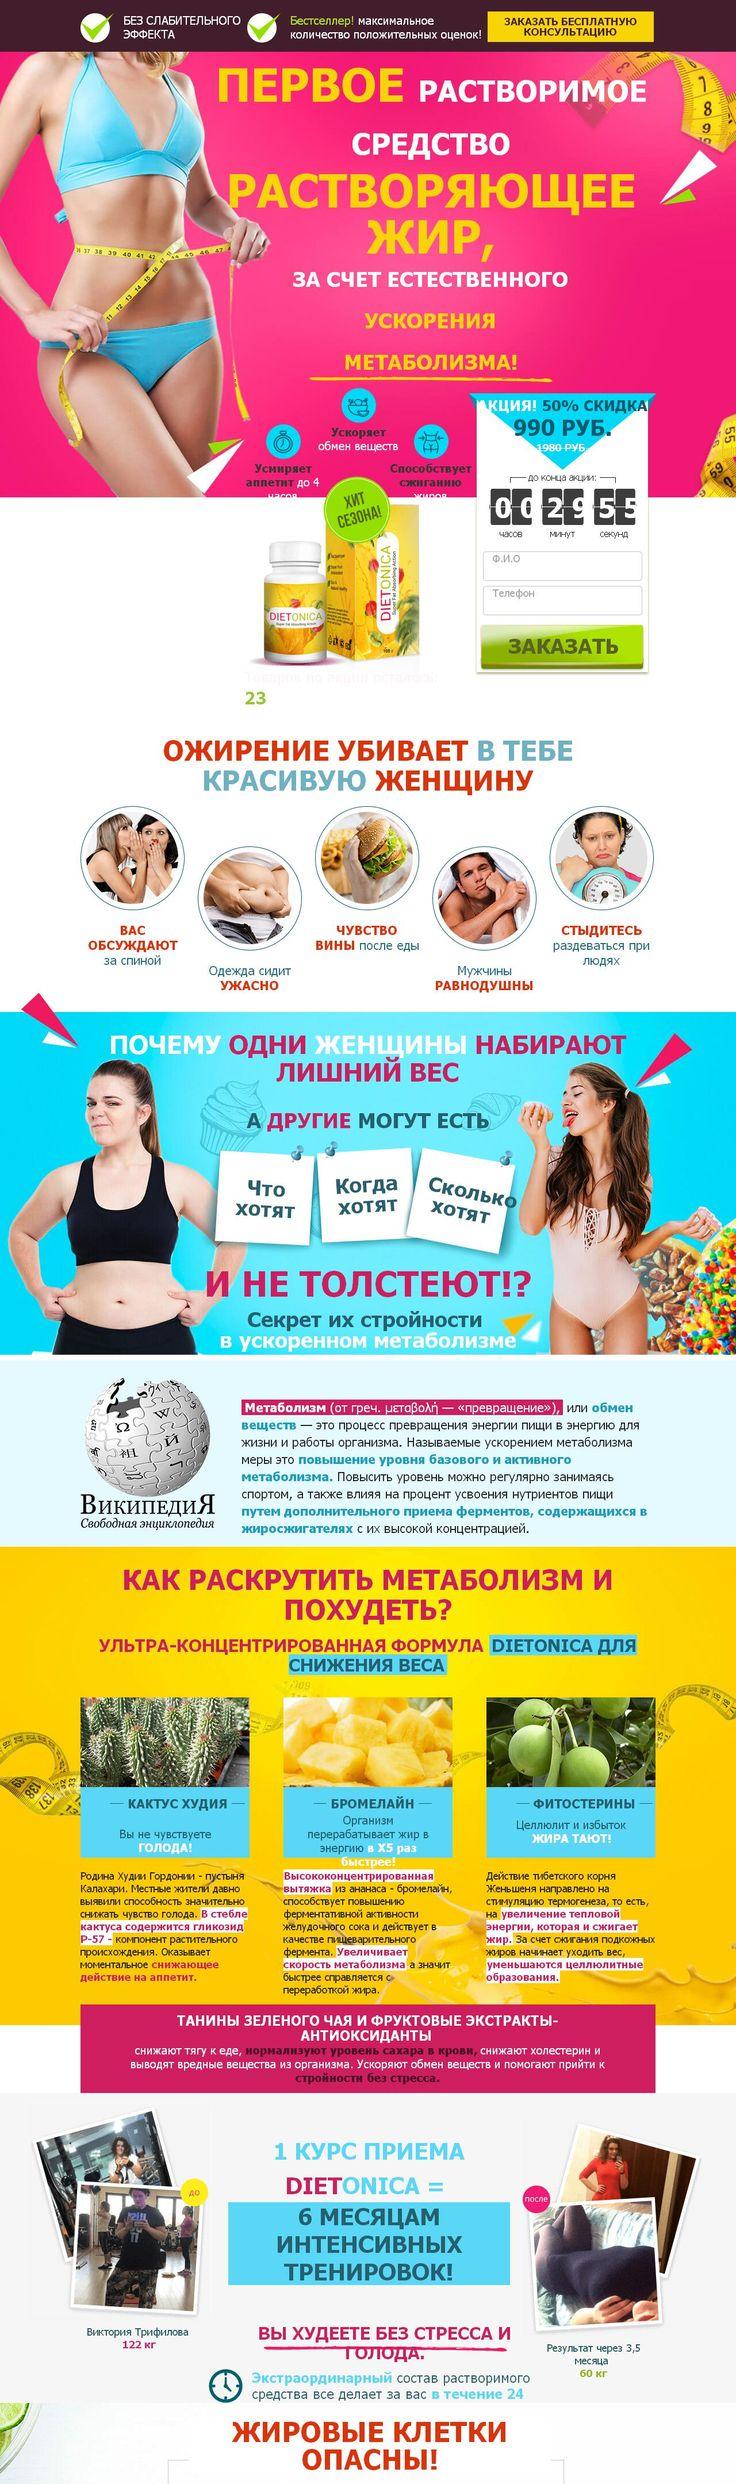 Средство для похудения эффективное 2017